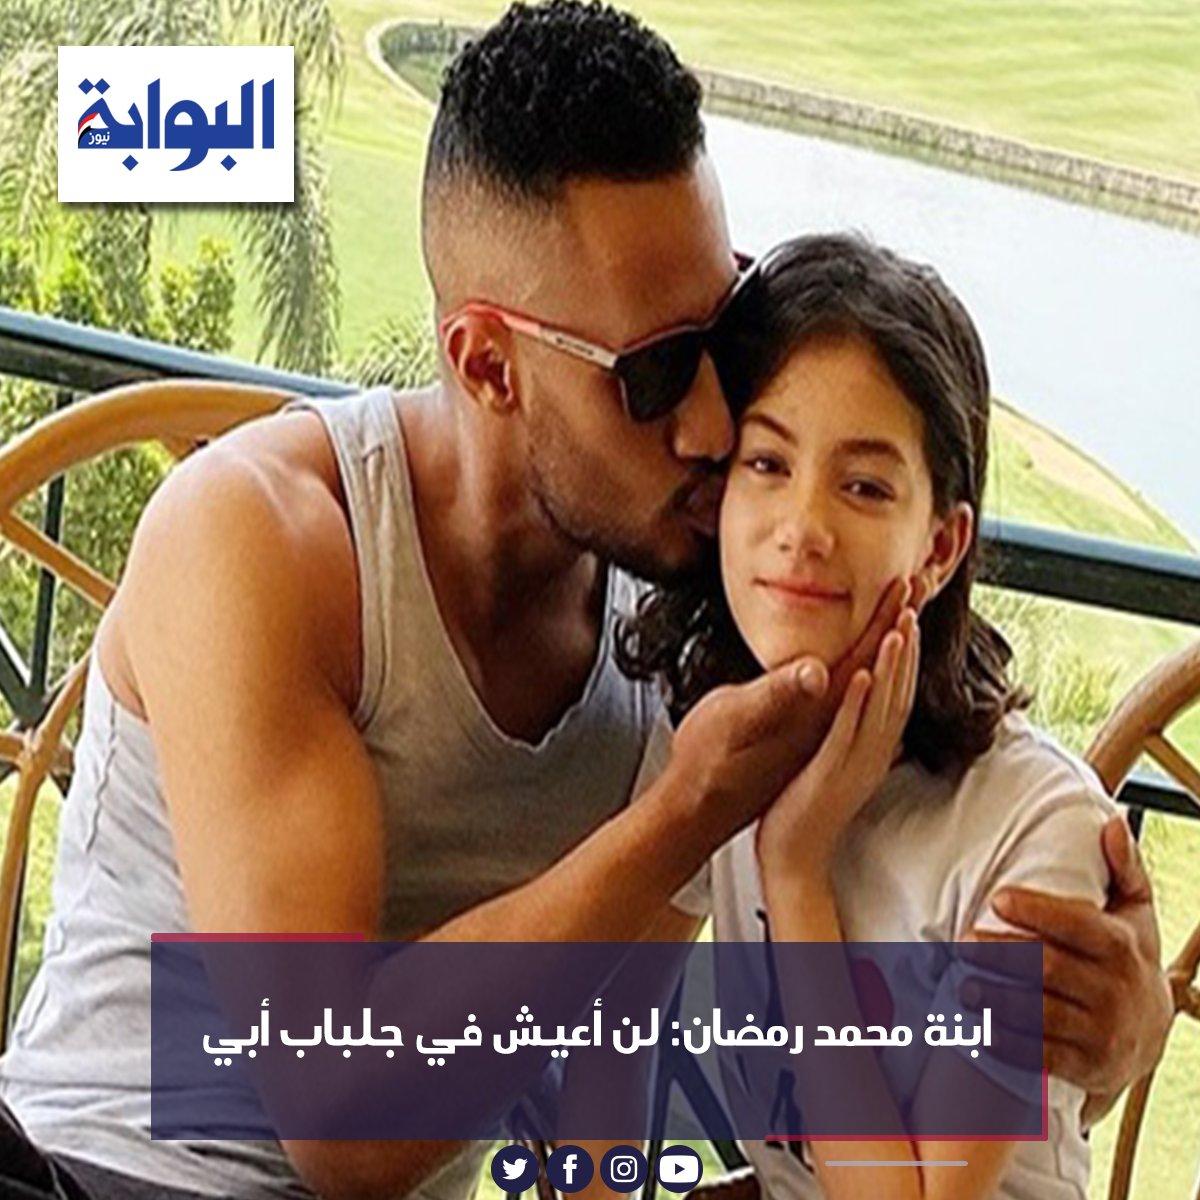 ابنة محمد رمضان لن أعيش في جلباب أبي التفاصيل